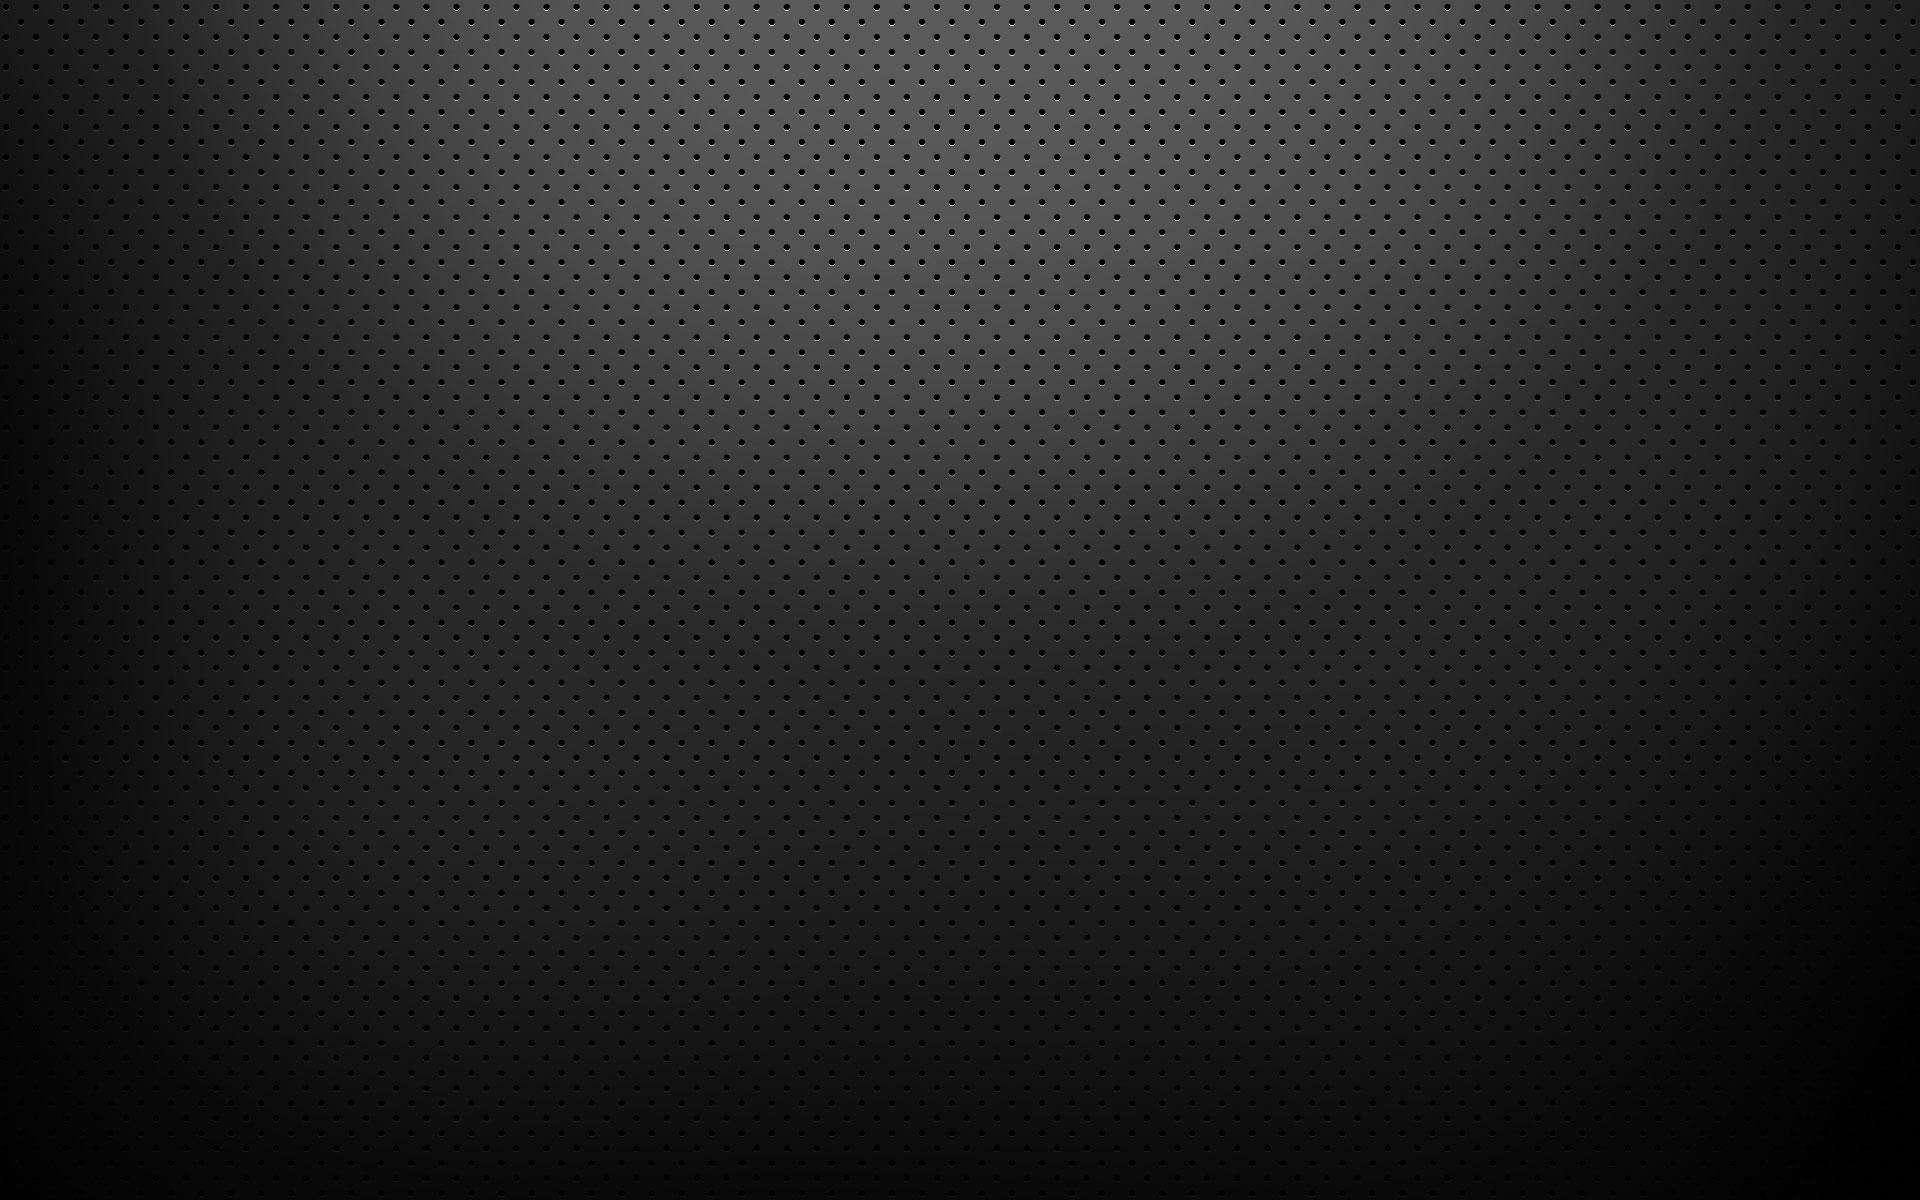 web developer wallpaper 1920x1200